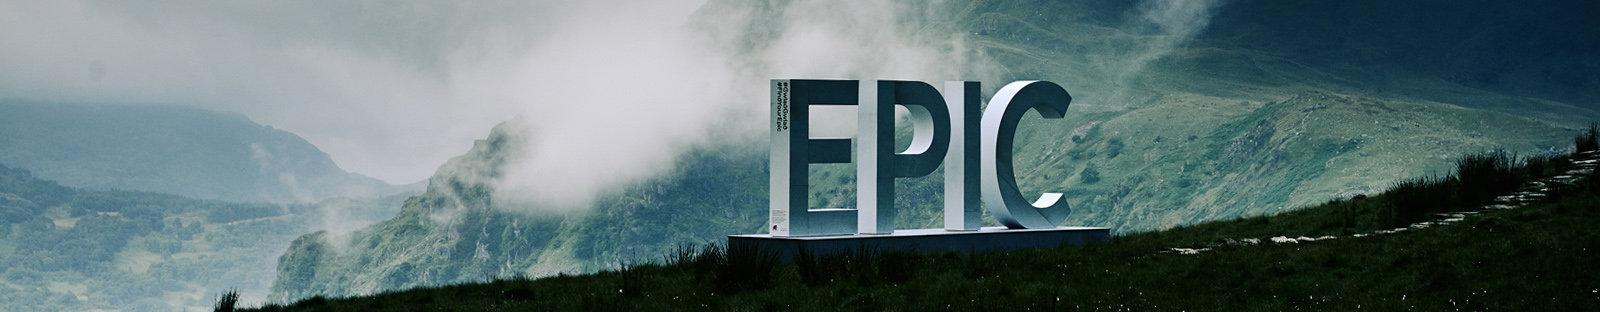 Visit Wales Epic